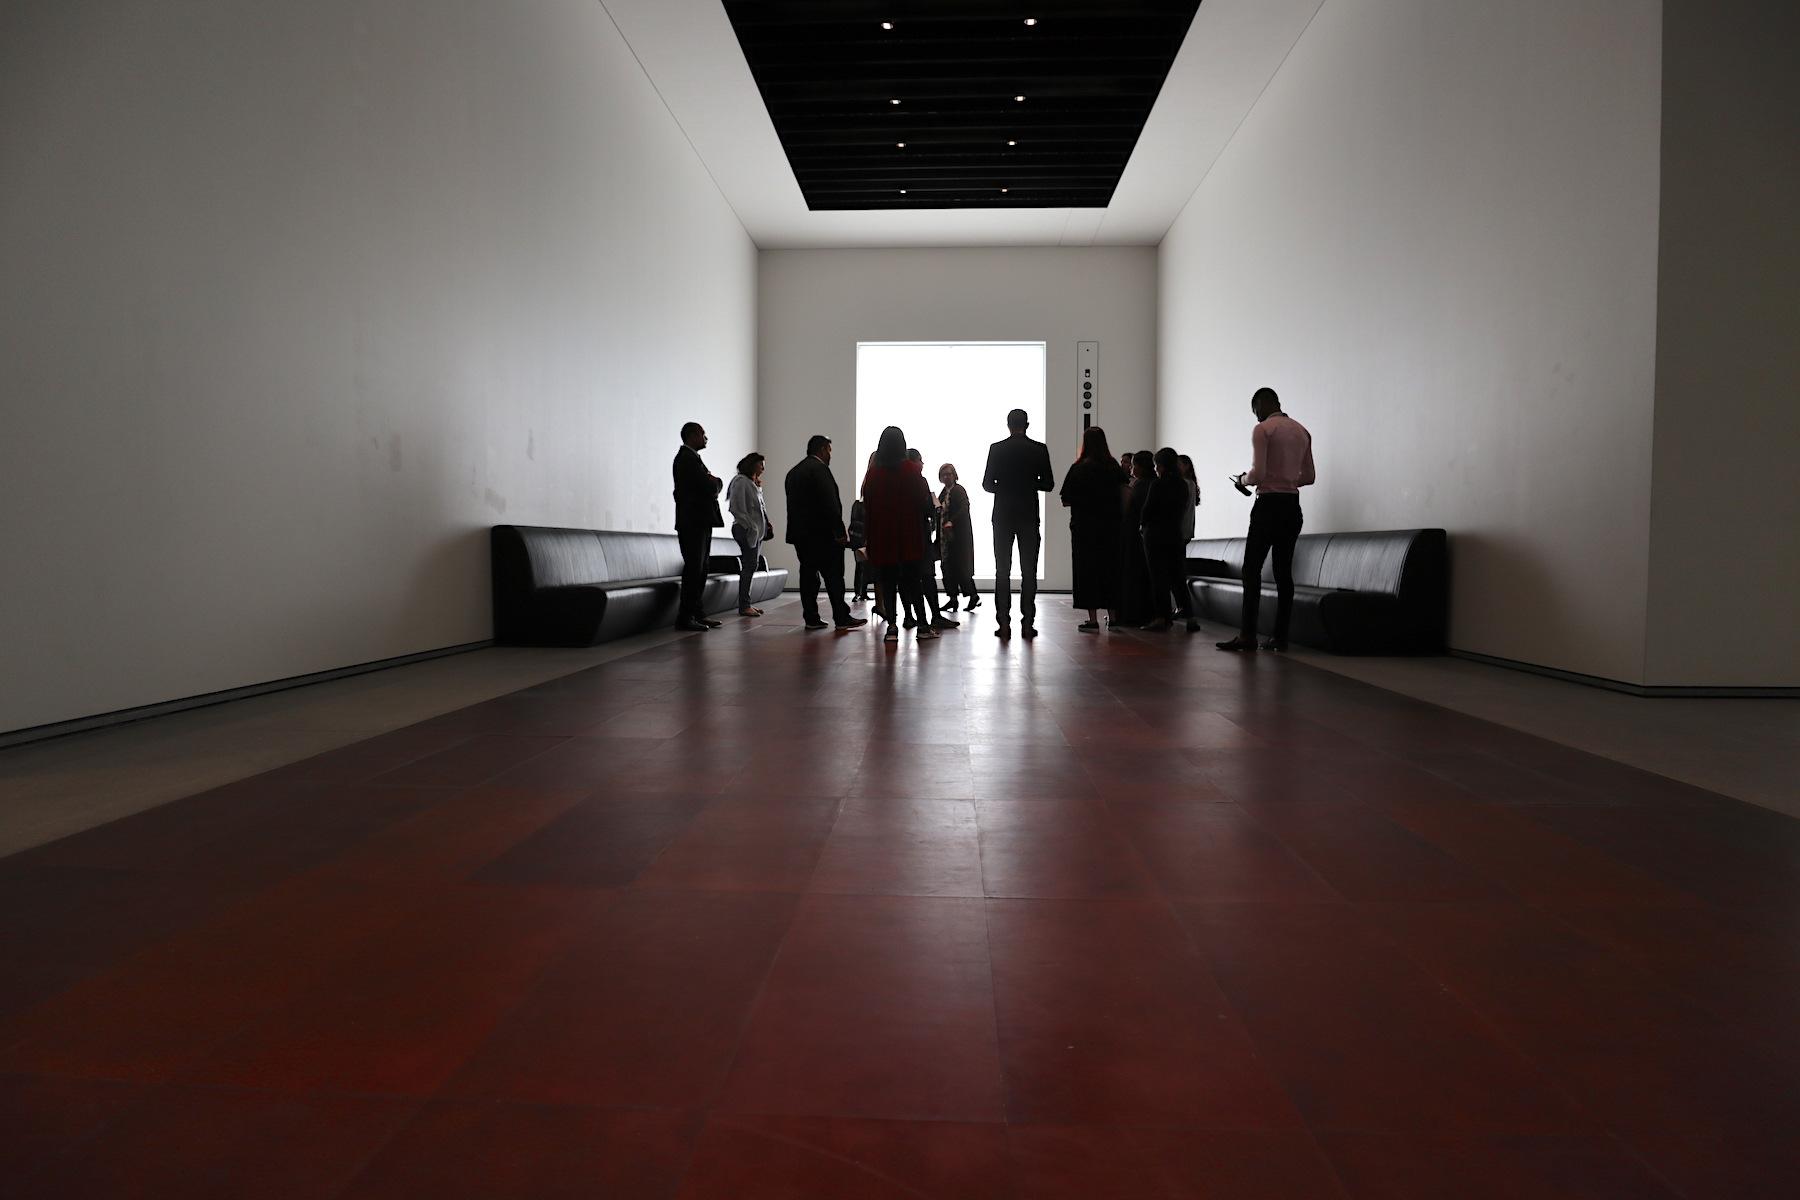 Louvre Abu Dhabi. Die bebaute Fläche beträgt 87.000 Quadratmeter, davon entfallen über 9.000 auf Galerieflächen. Insgesamt besteht die Museumsstadt aus 56 Einzelbauten.